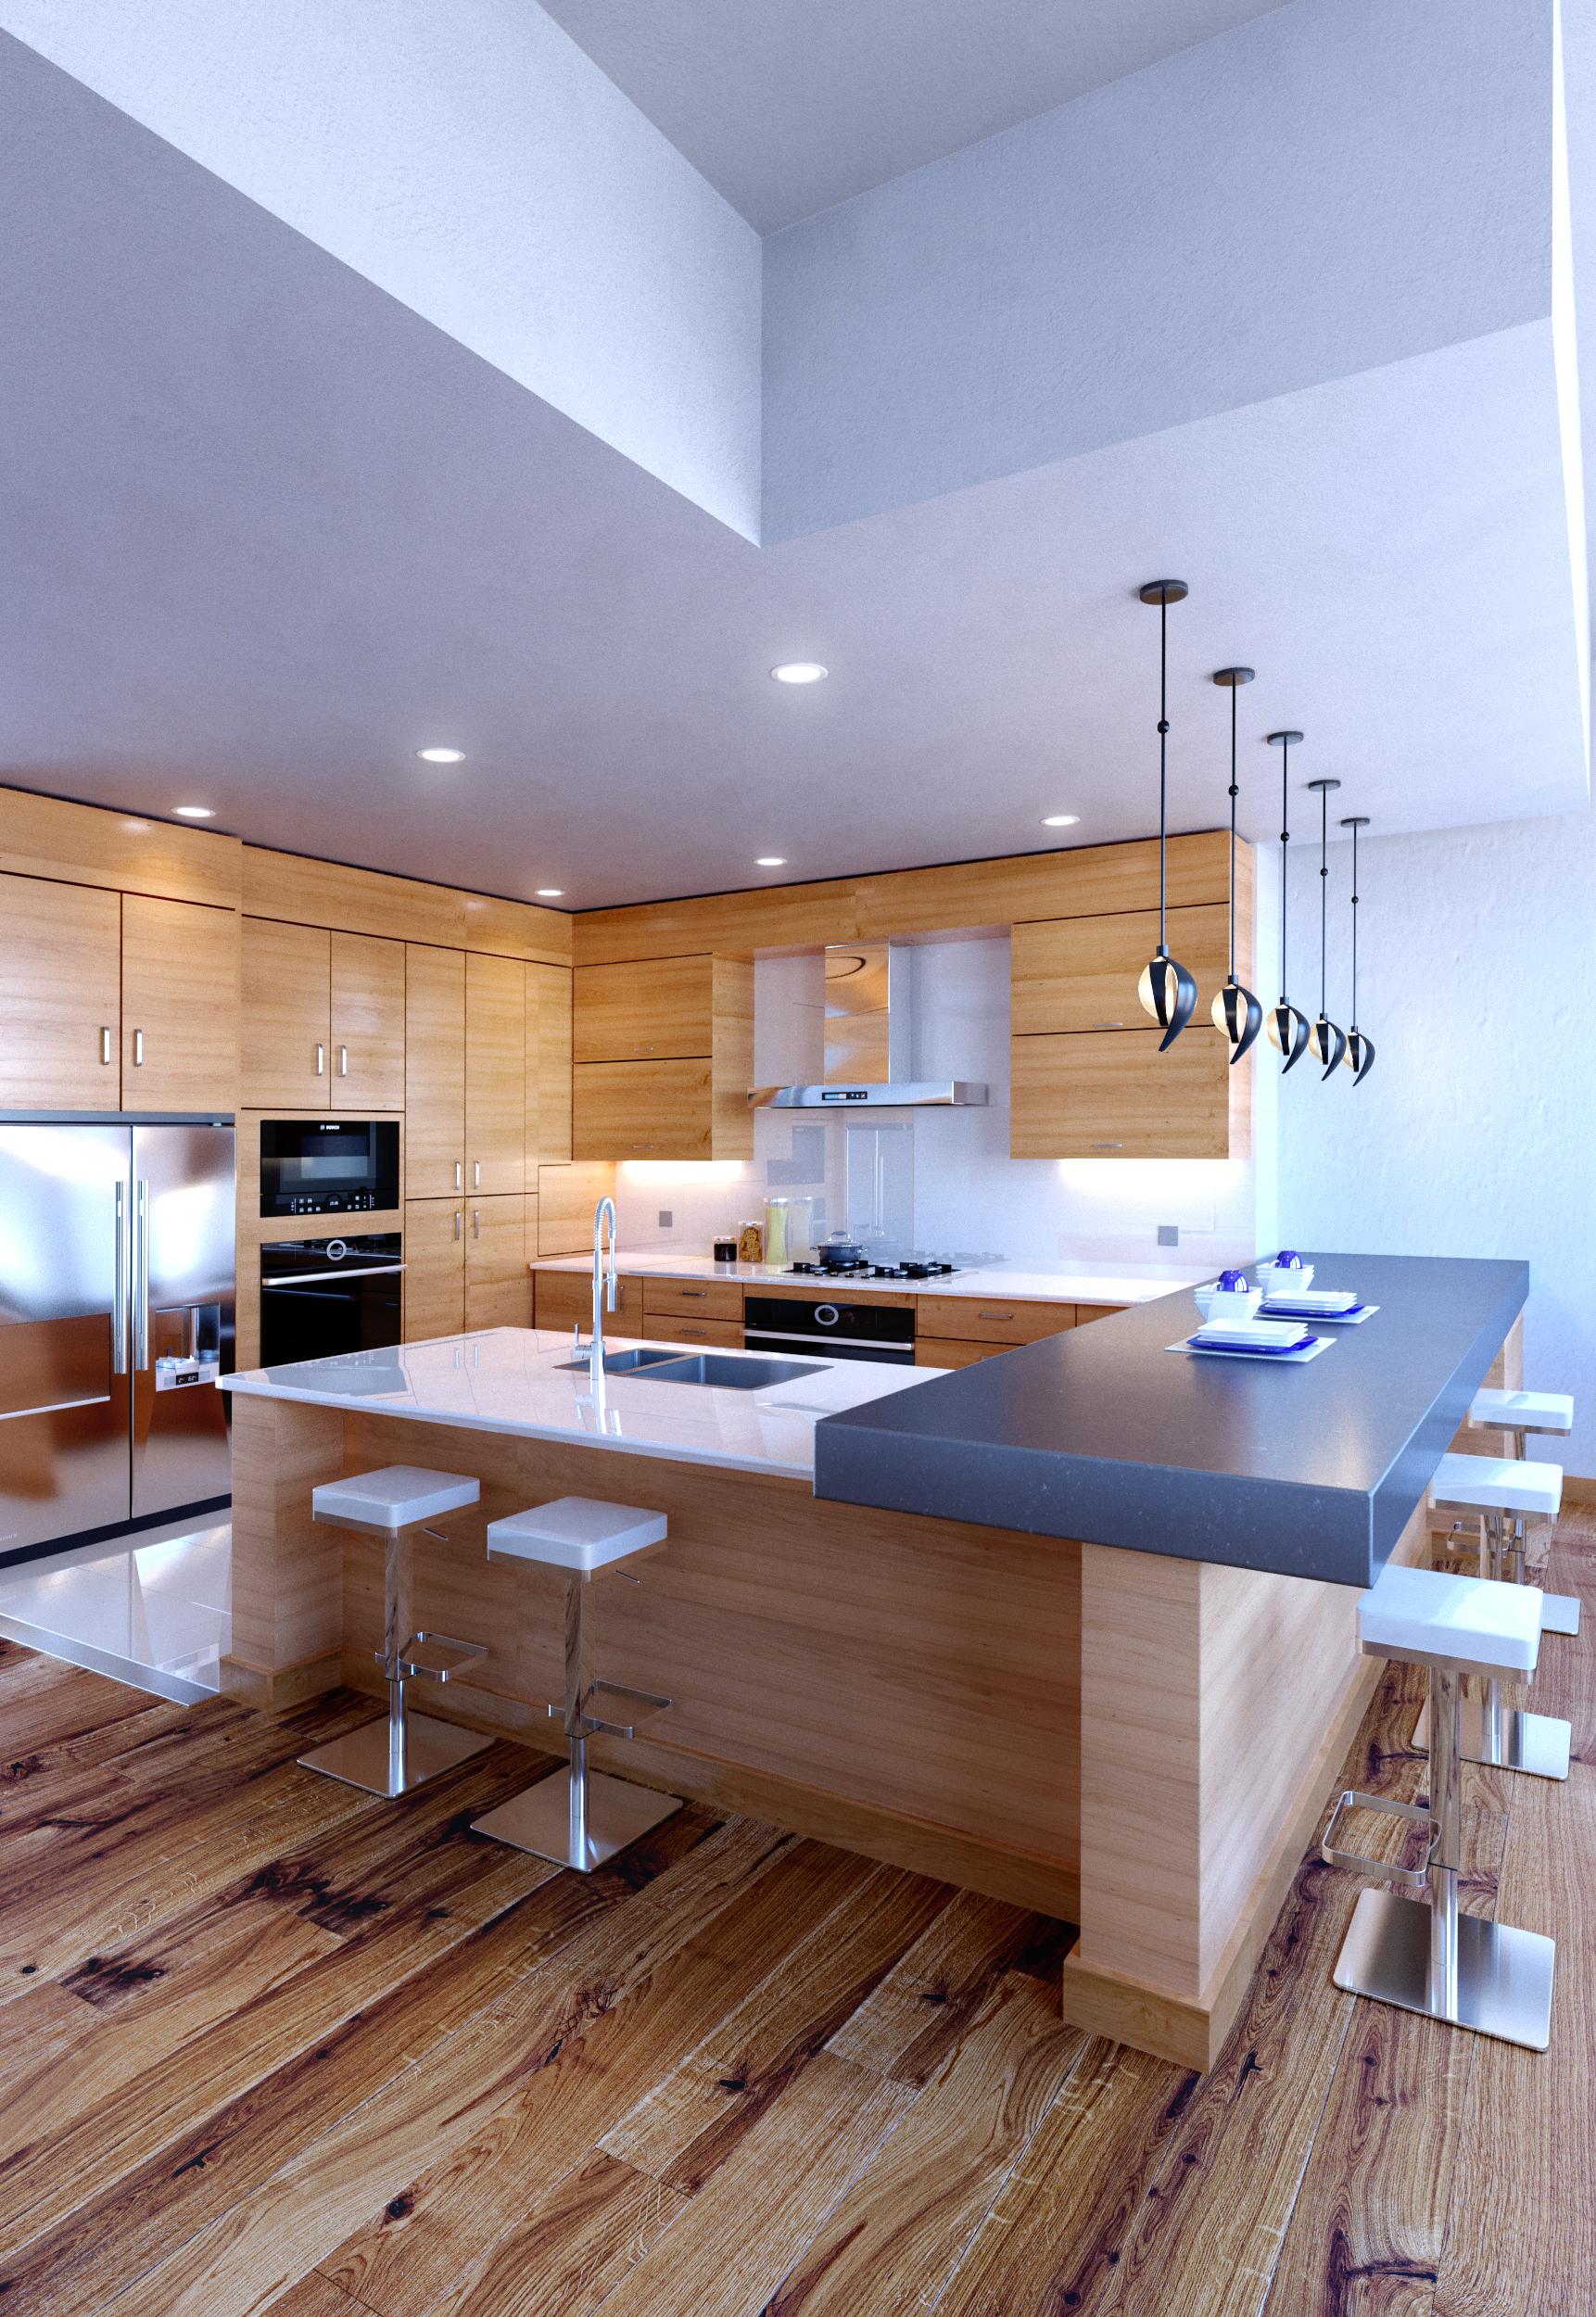 Innenarchitektur für küchenschrank Ƒօӏӏօա ʍҽ noraisabelle ƒօɾ ʍօɾҽ թíղs վօմuɾҽ ցօղղɑ